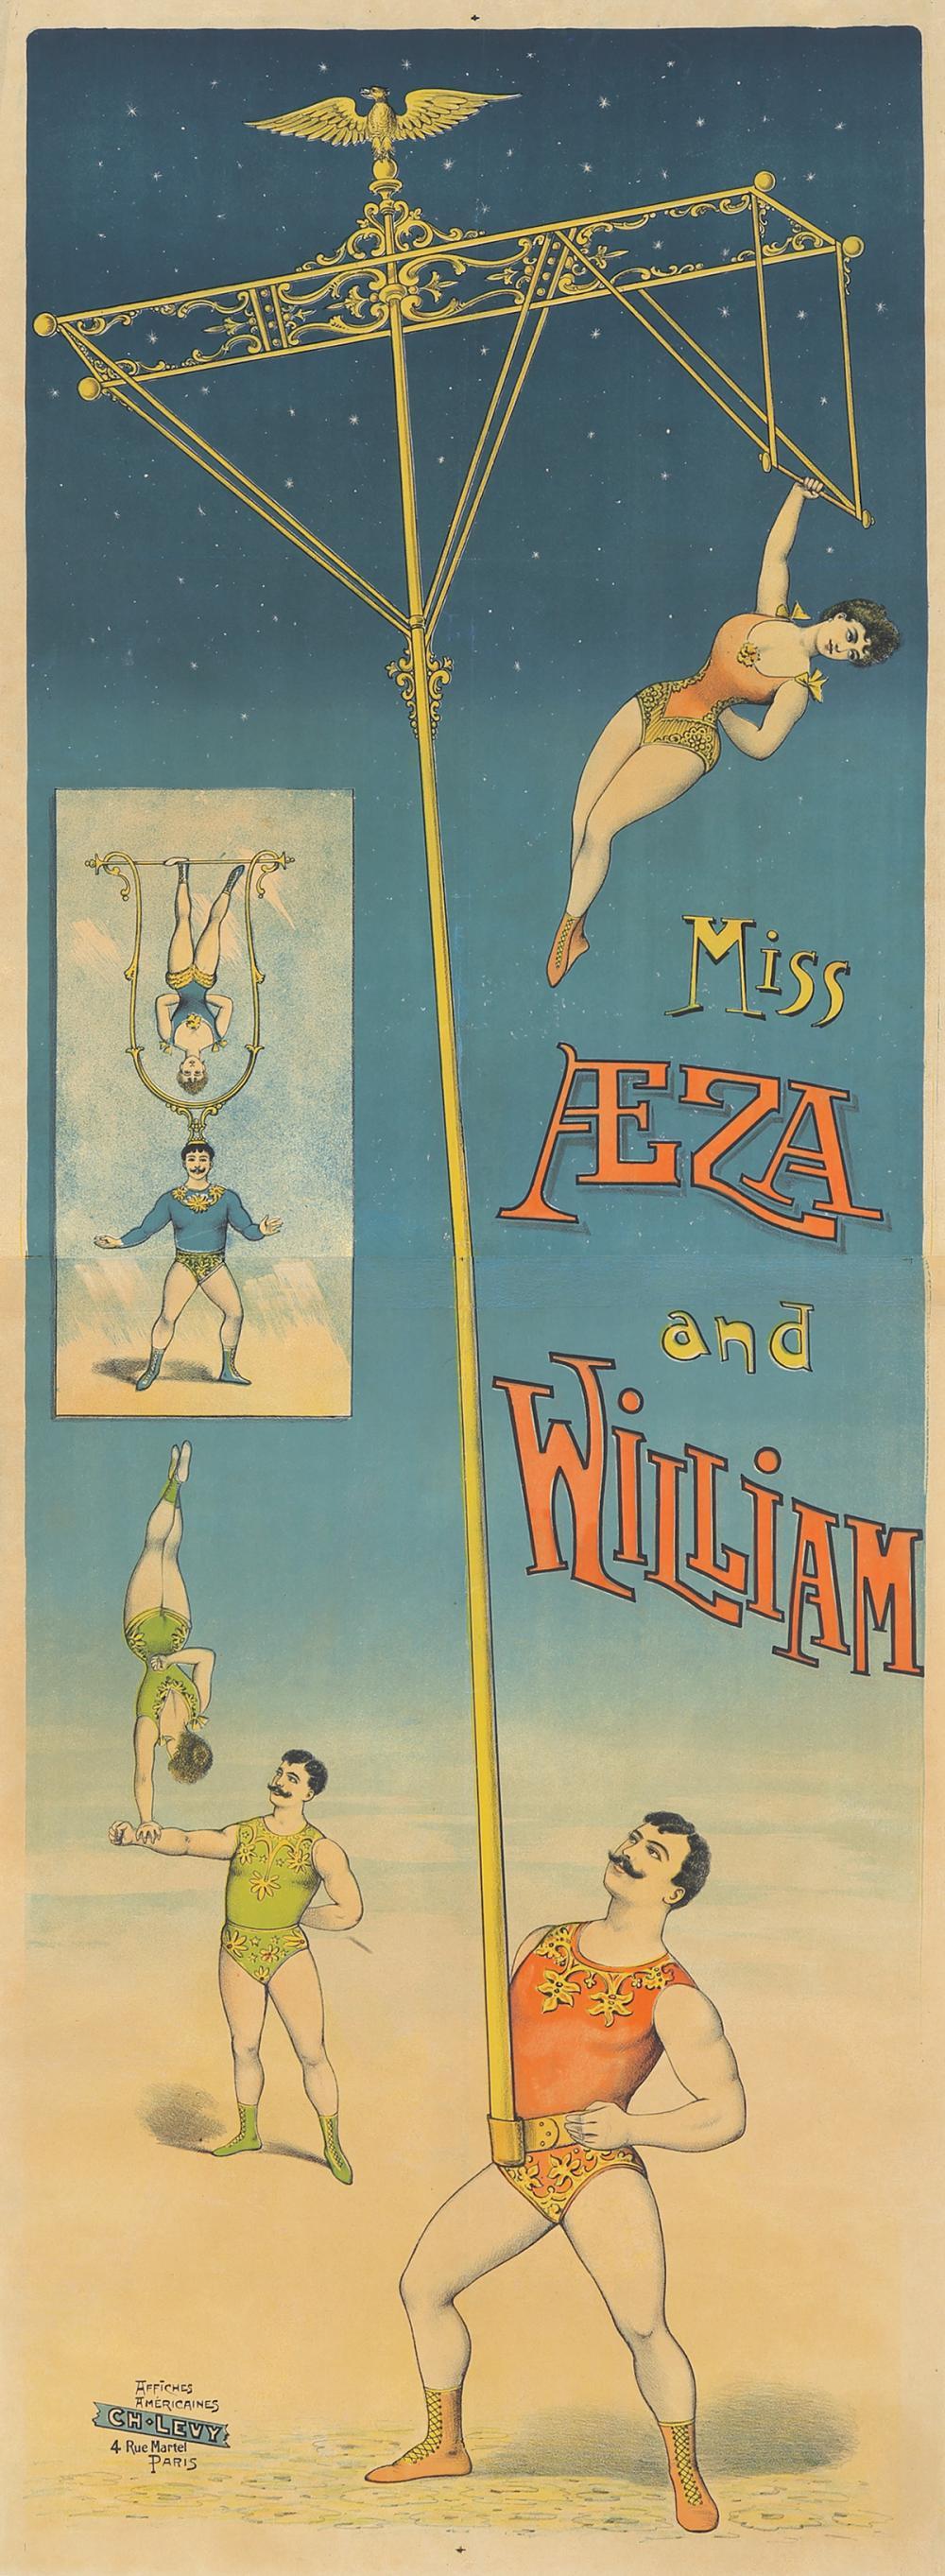 Miss Aeza and William.